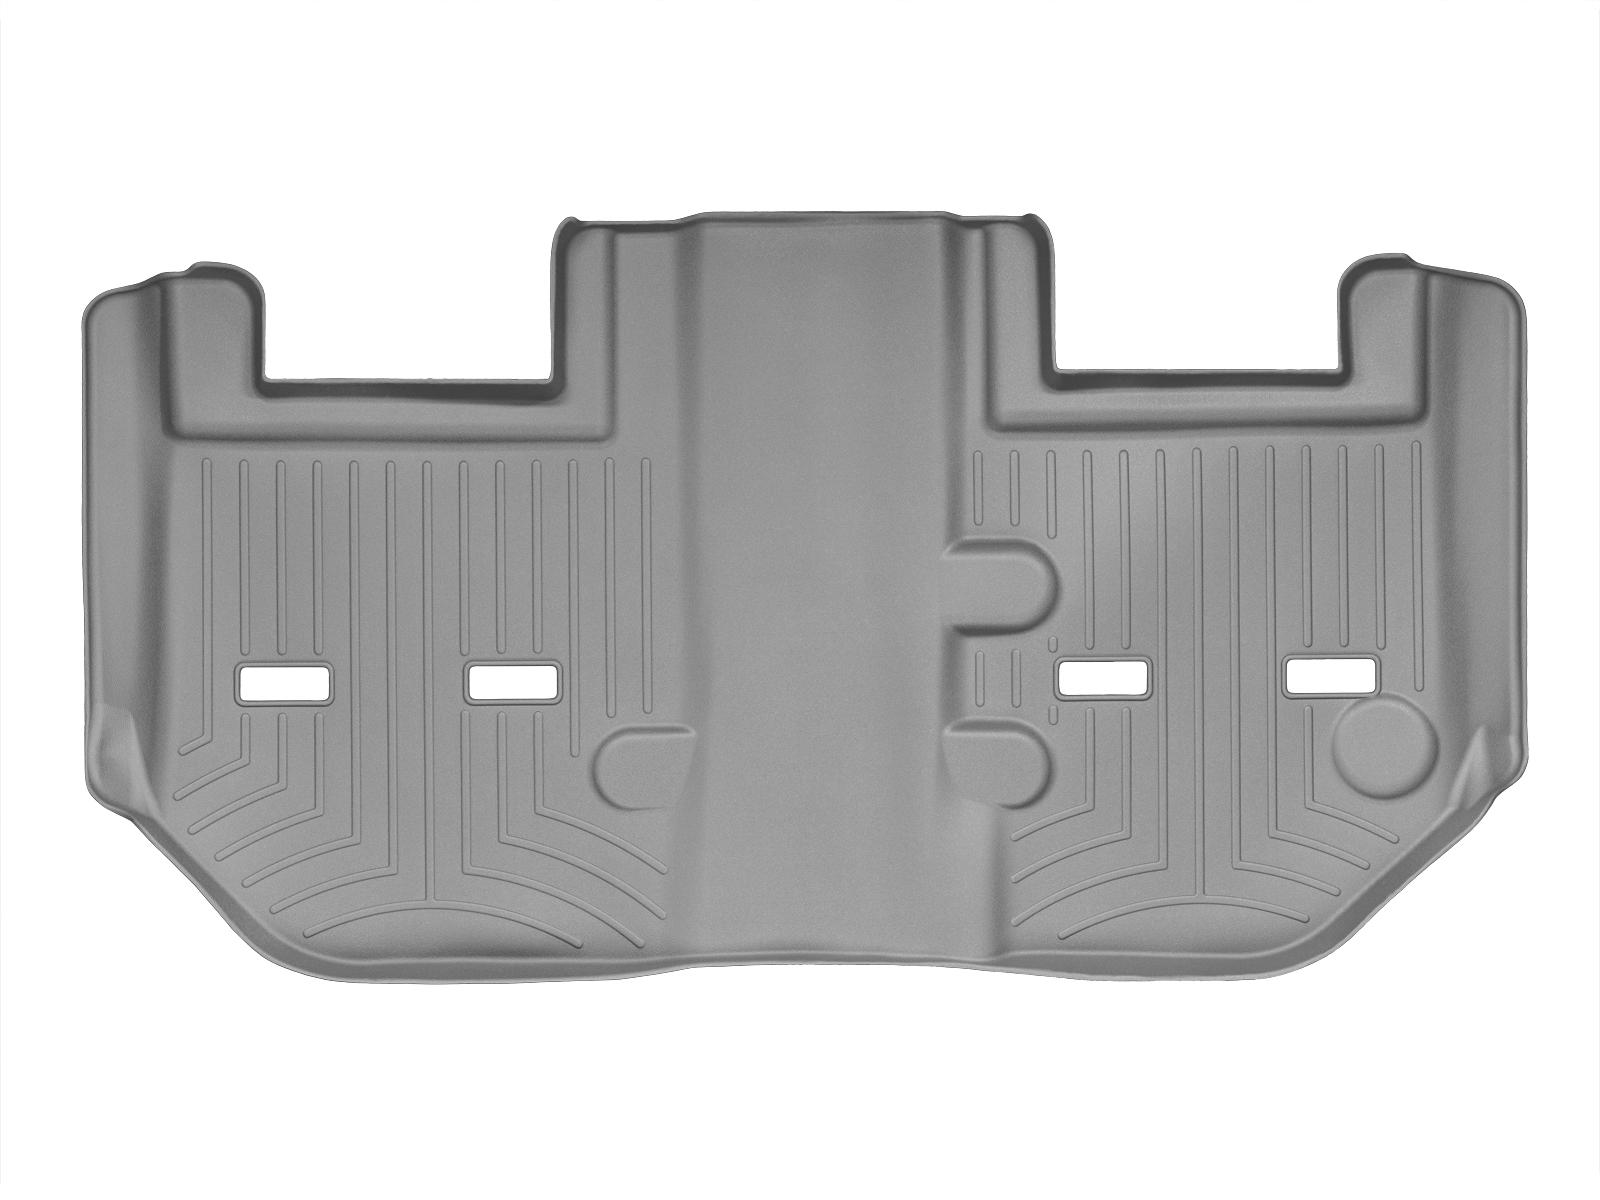 Tappeti gomma su misura bordo alto Cadillac Escalade ESV 11>14 Grigio A61*